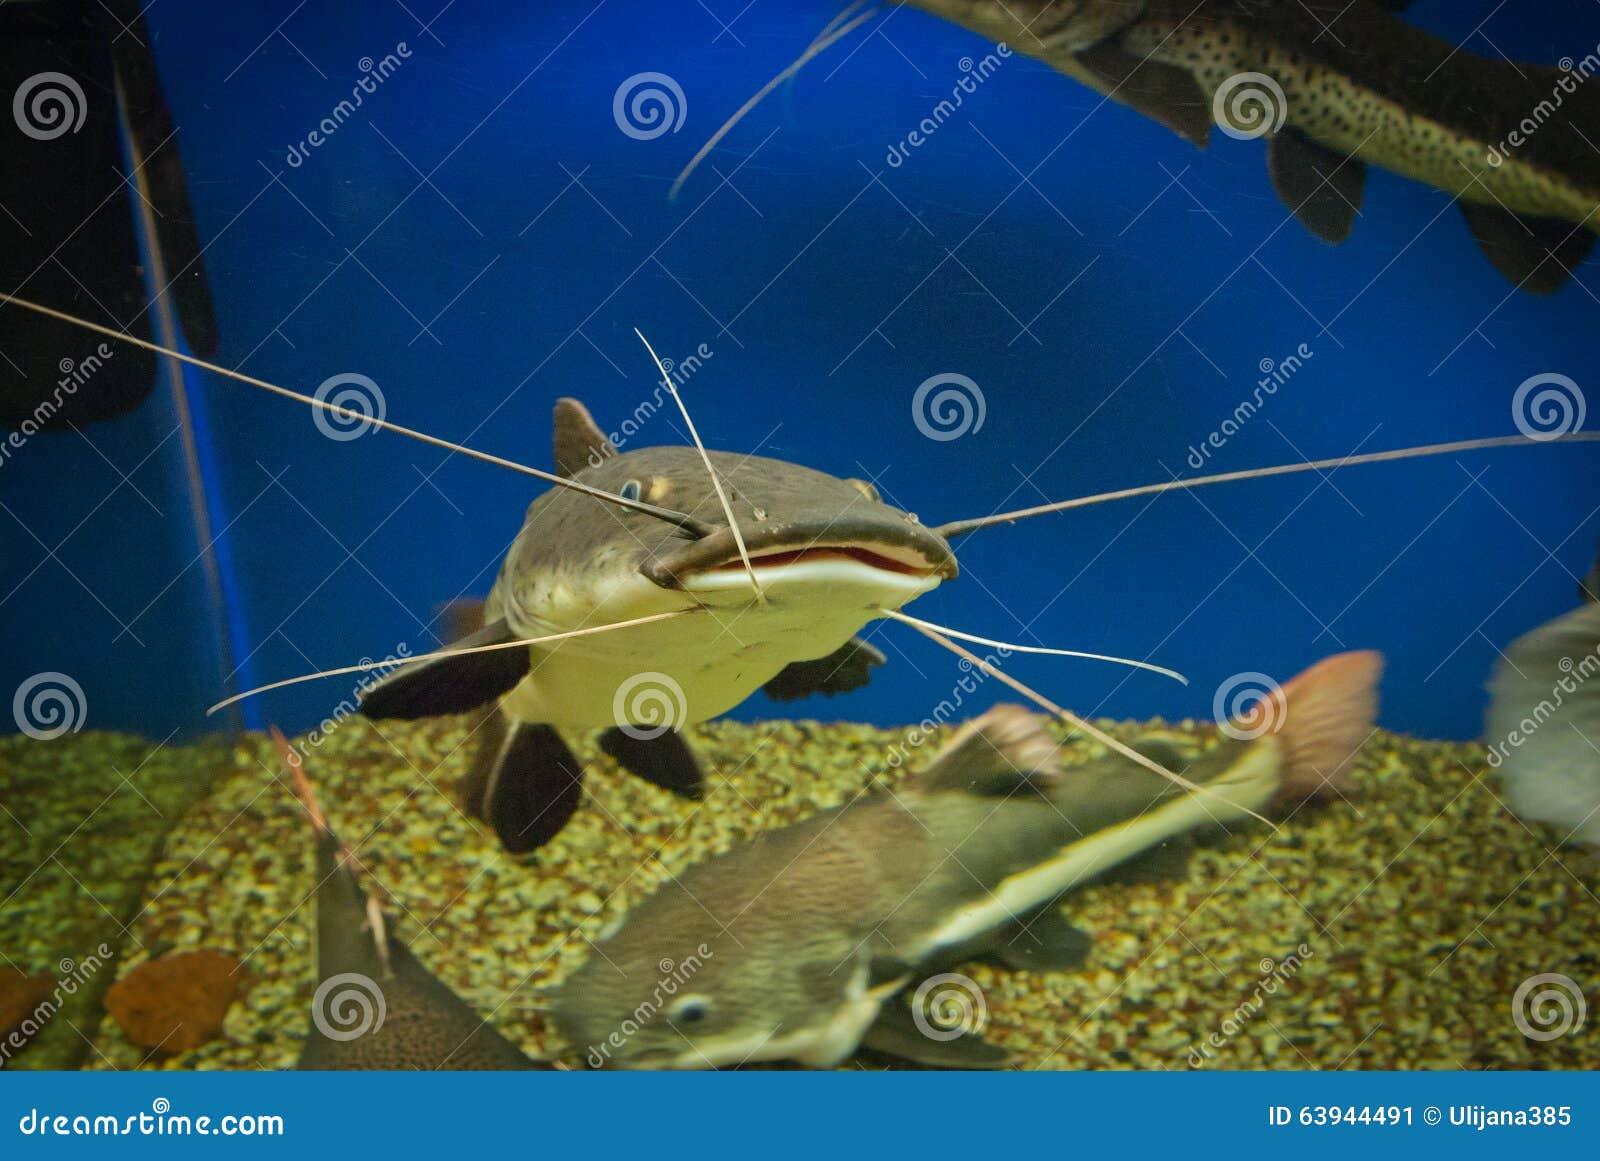 Mustache (fish). Mustache: photo and description